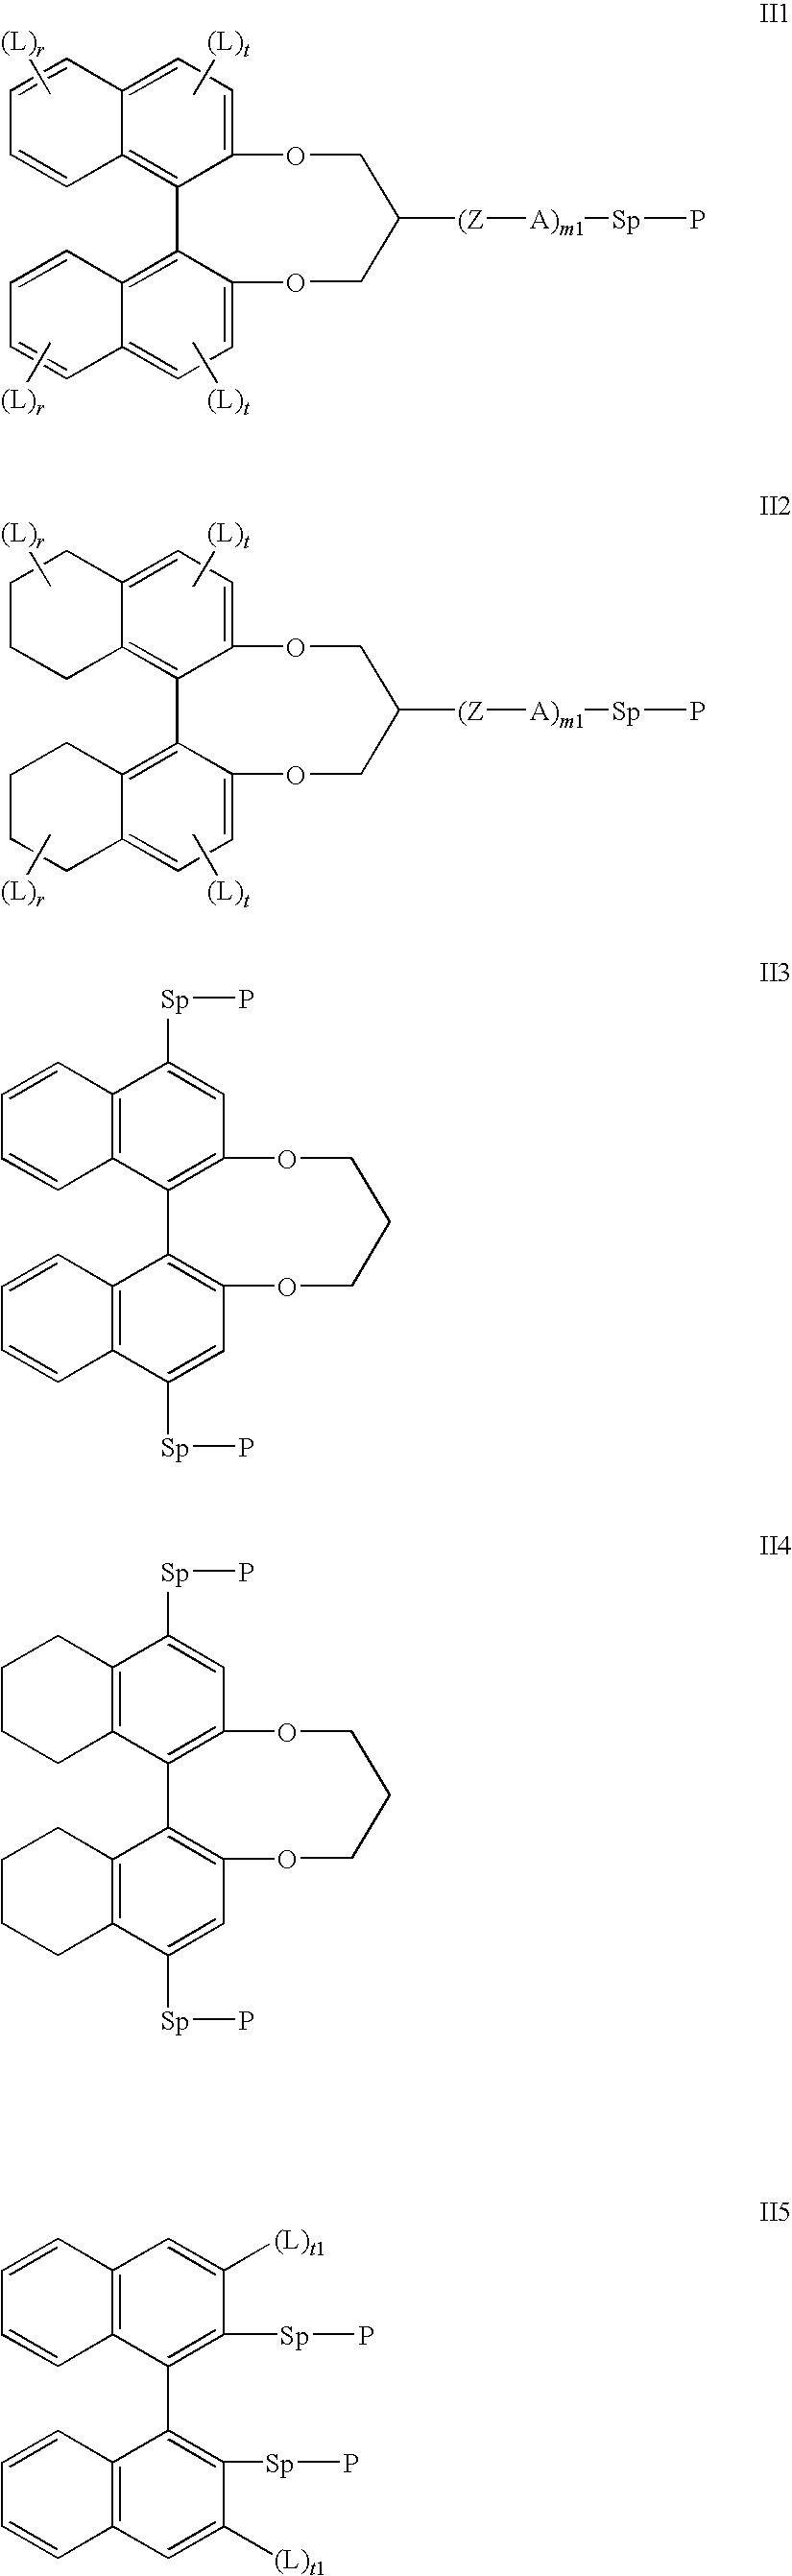 Figure US20100304049A1-20101202-C00010